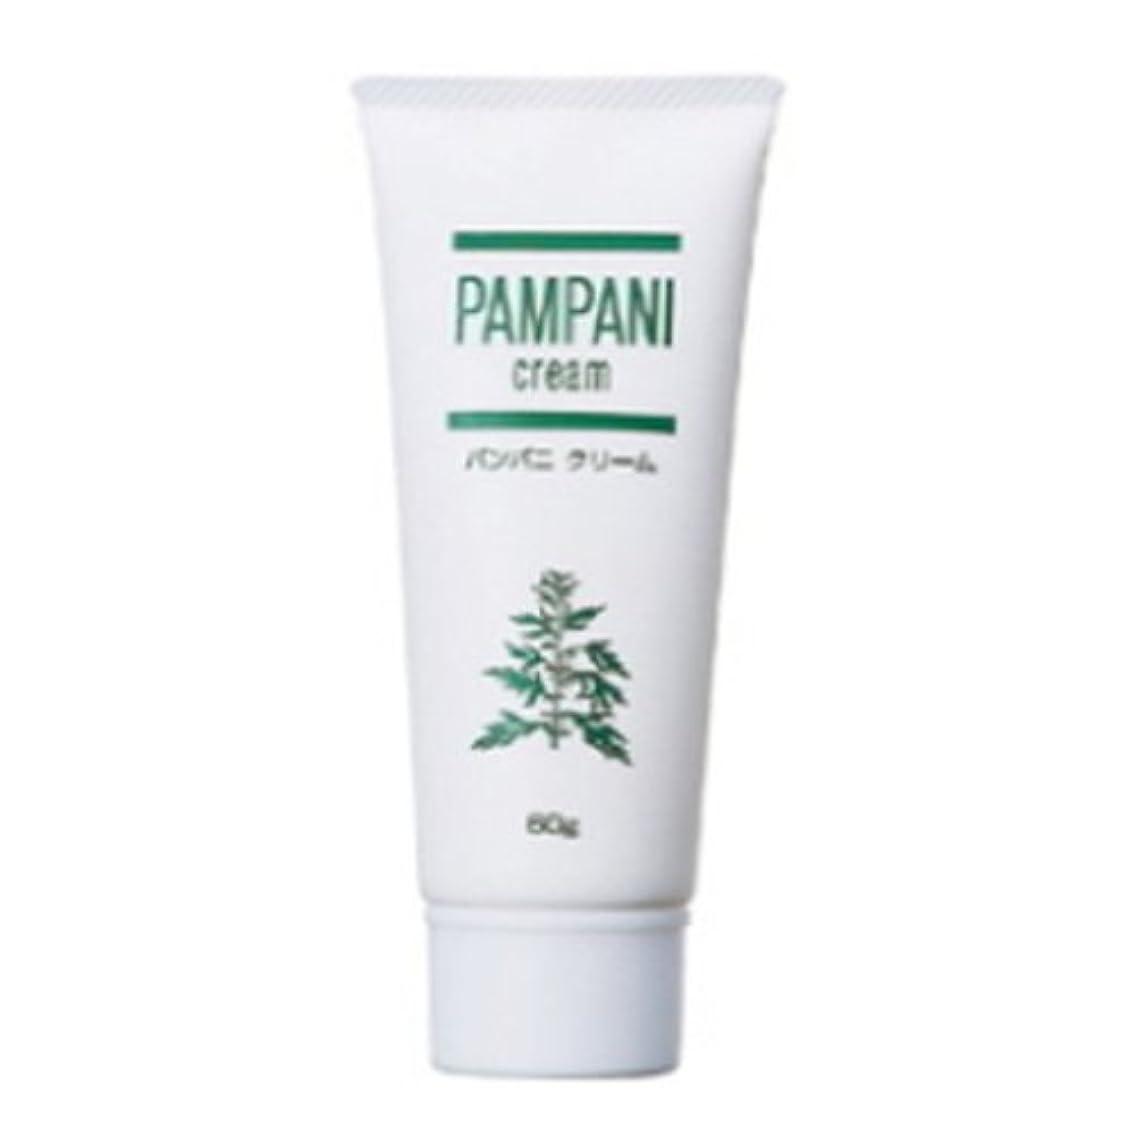 振りかける主張やりすぎパンパニ(PAMPANI) クリーム 60g